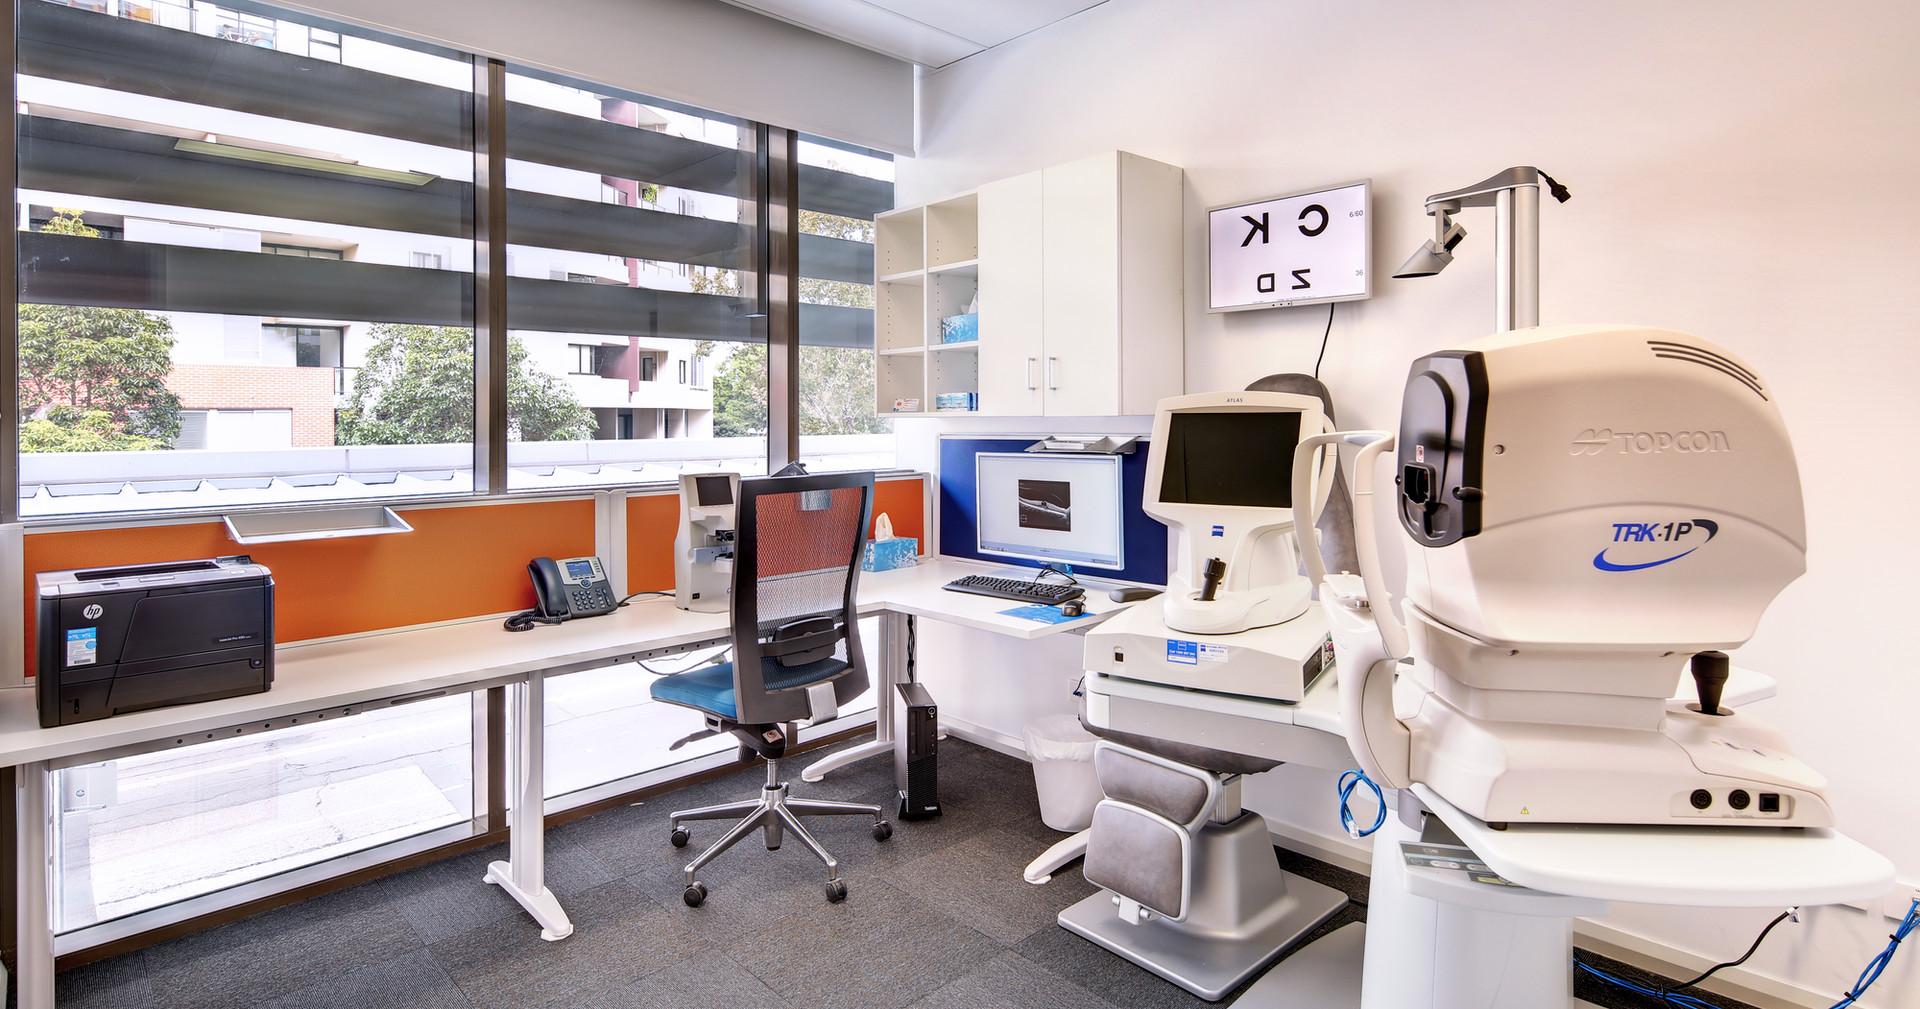 Orthoptics Room 1